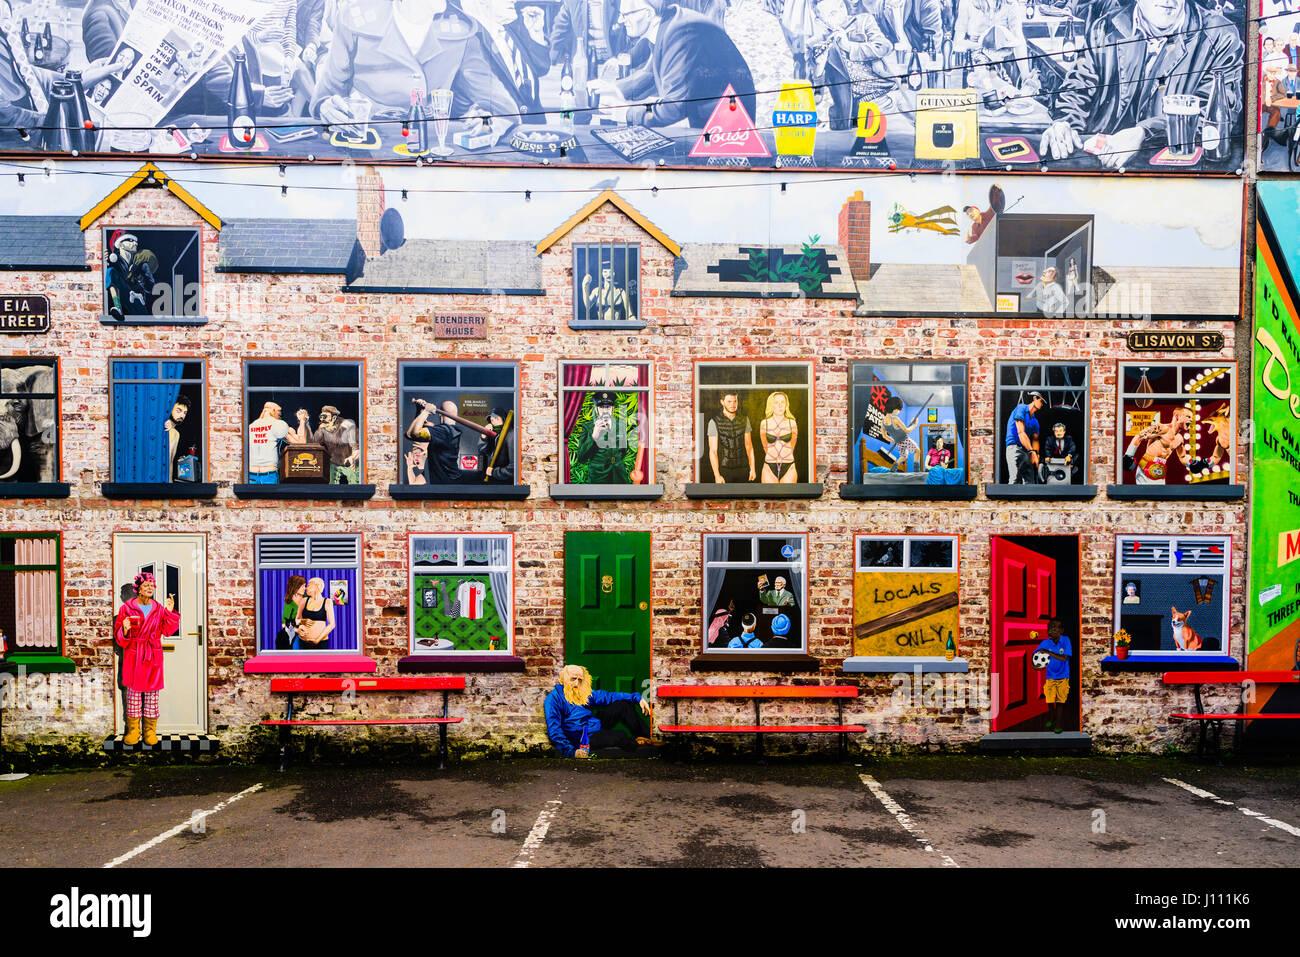 Künstlerische Wandmalerei an einer Wand in Belfast, Darstellung einer Reihe von Reihenhäusern mit Blick Stockbild